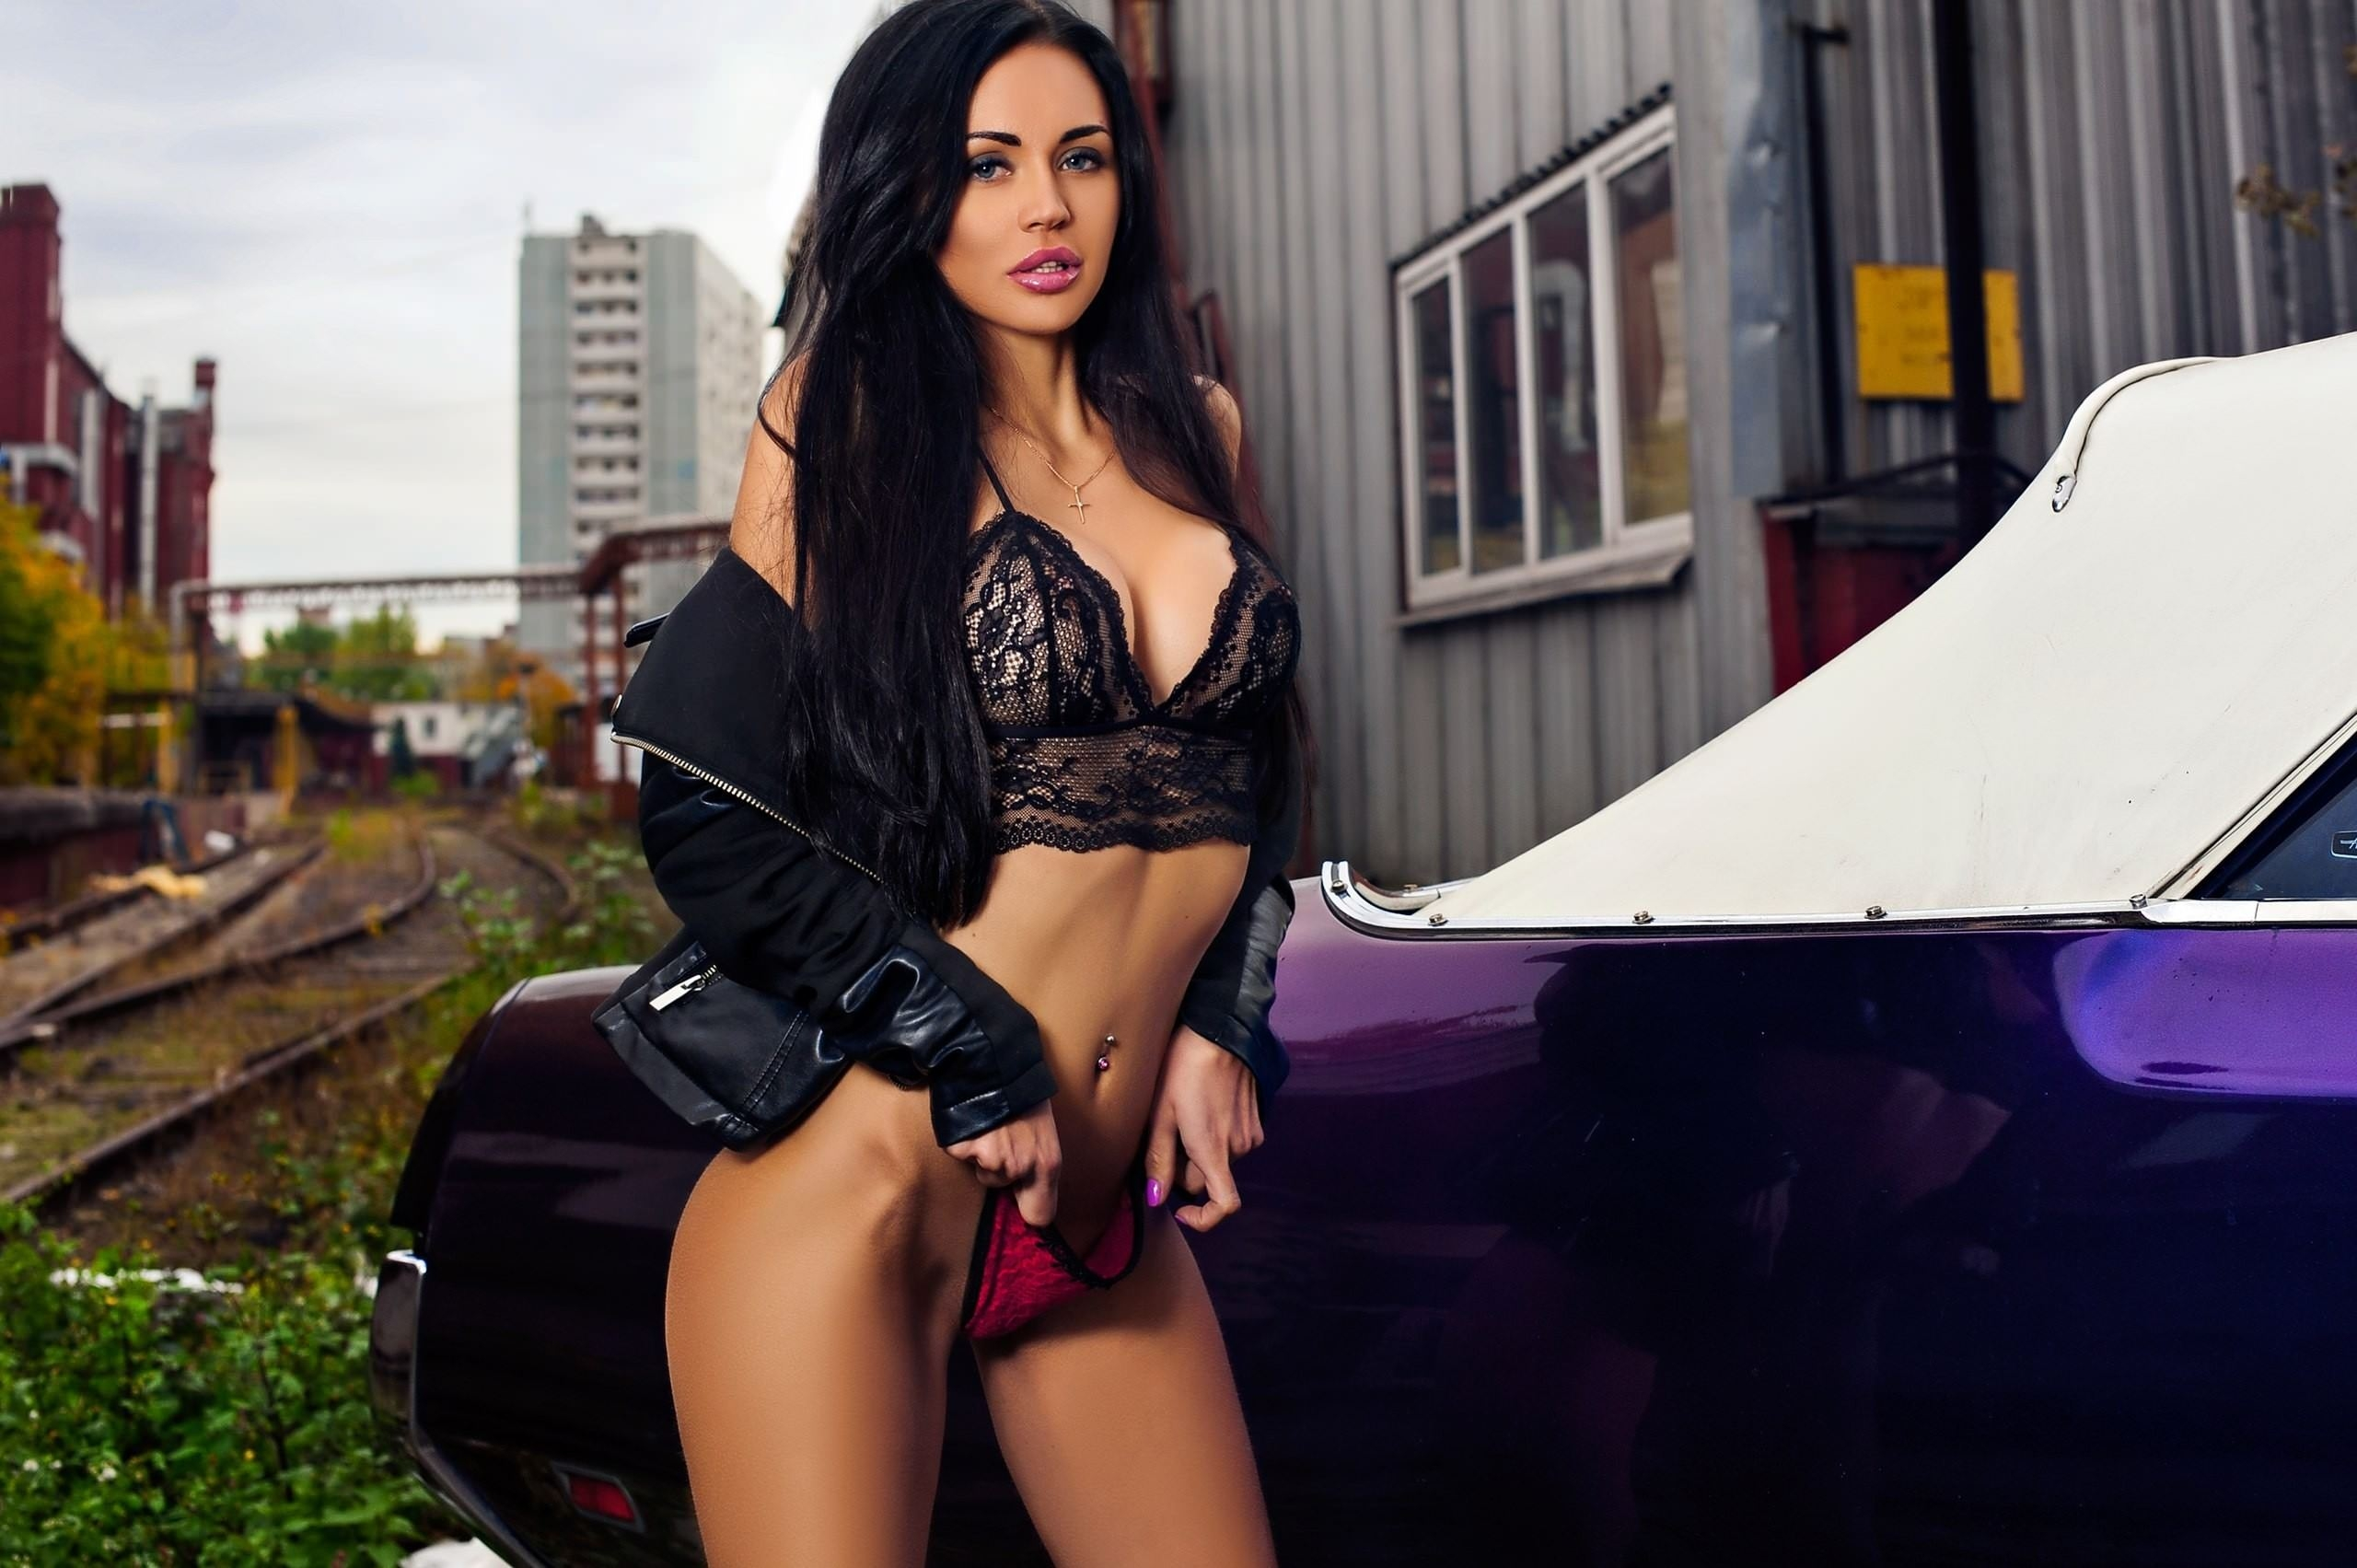 Фото Жгучая брюнетка сняла красные трусики и приложила к писе, фиолетовый масл кар, сексуальная девушка в черном лифчике и куртке возле раритетного авто, железная дорога, скачать картинку бесплатно